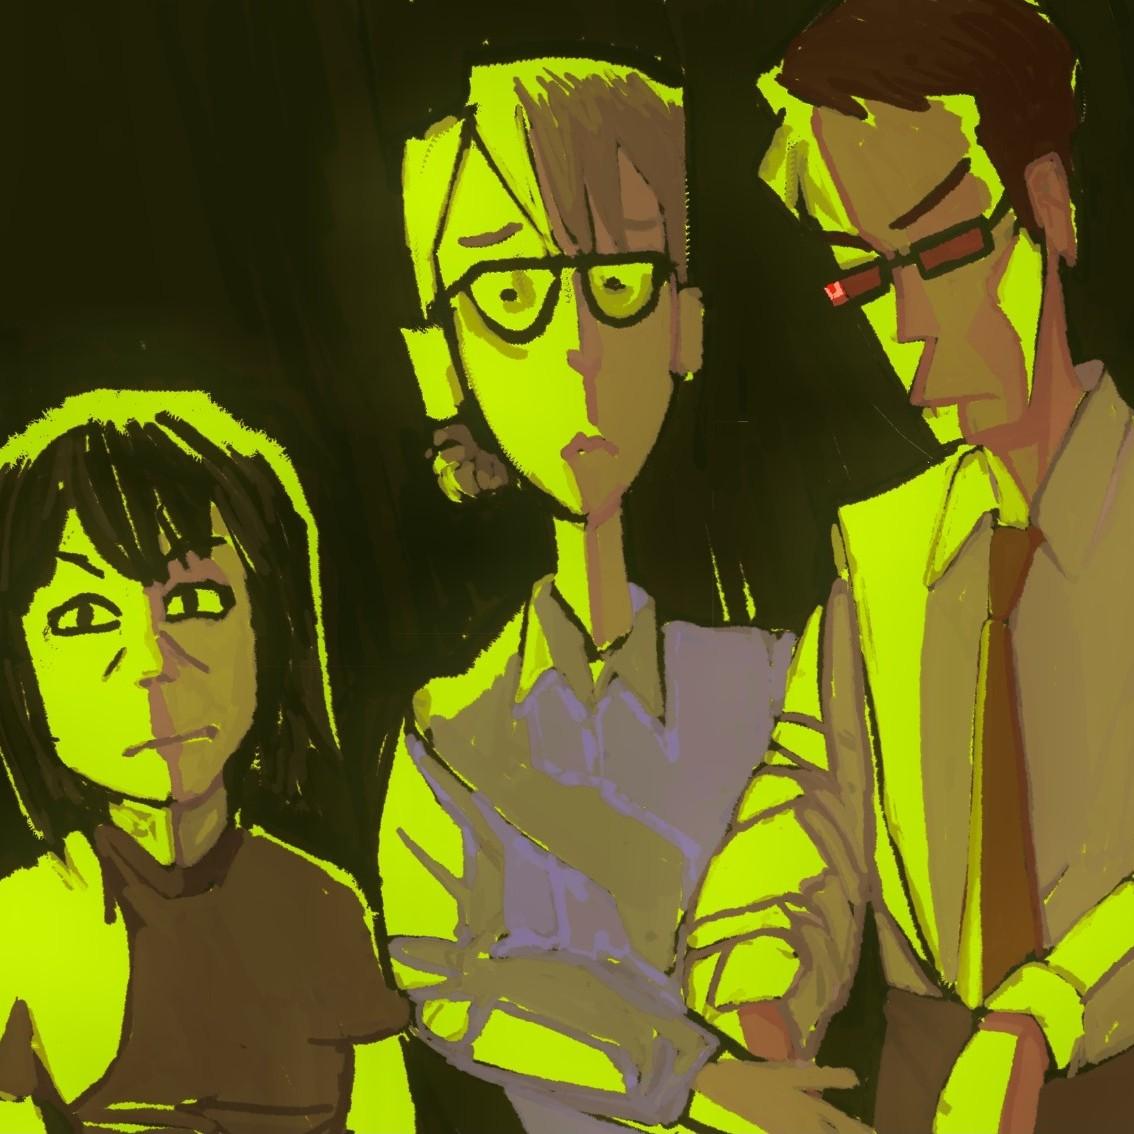 Three garishly colored people